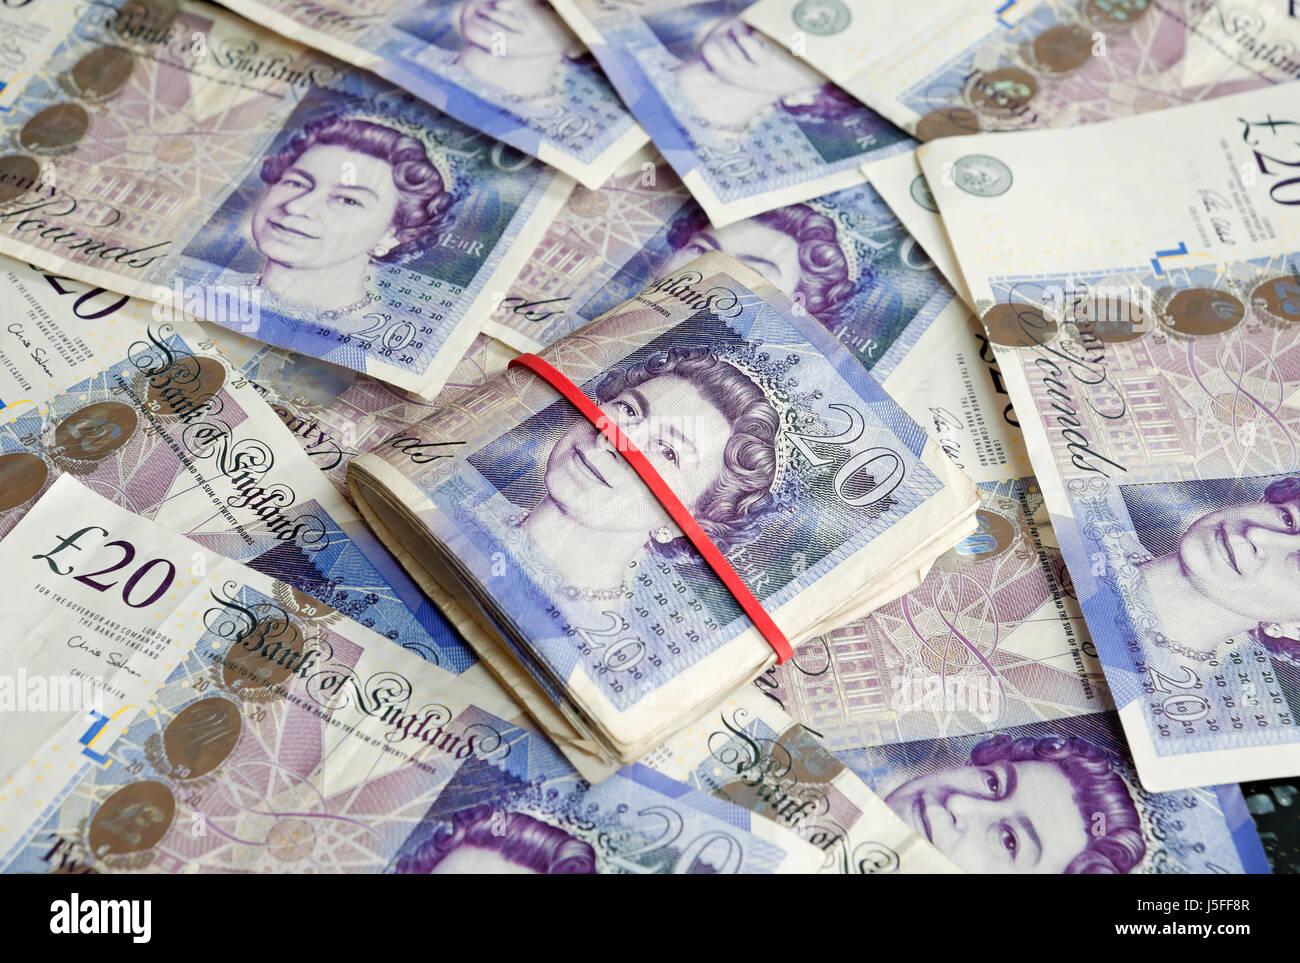 English twenty pound notes England UK United Kingdom GB Great Britain - Stock Image